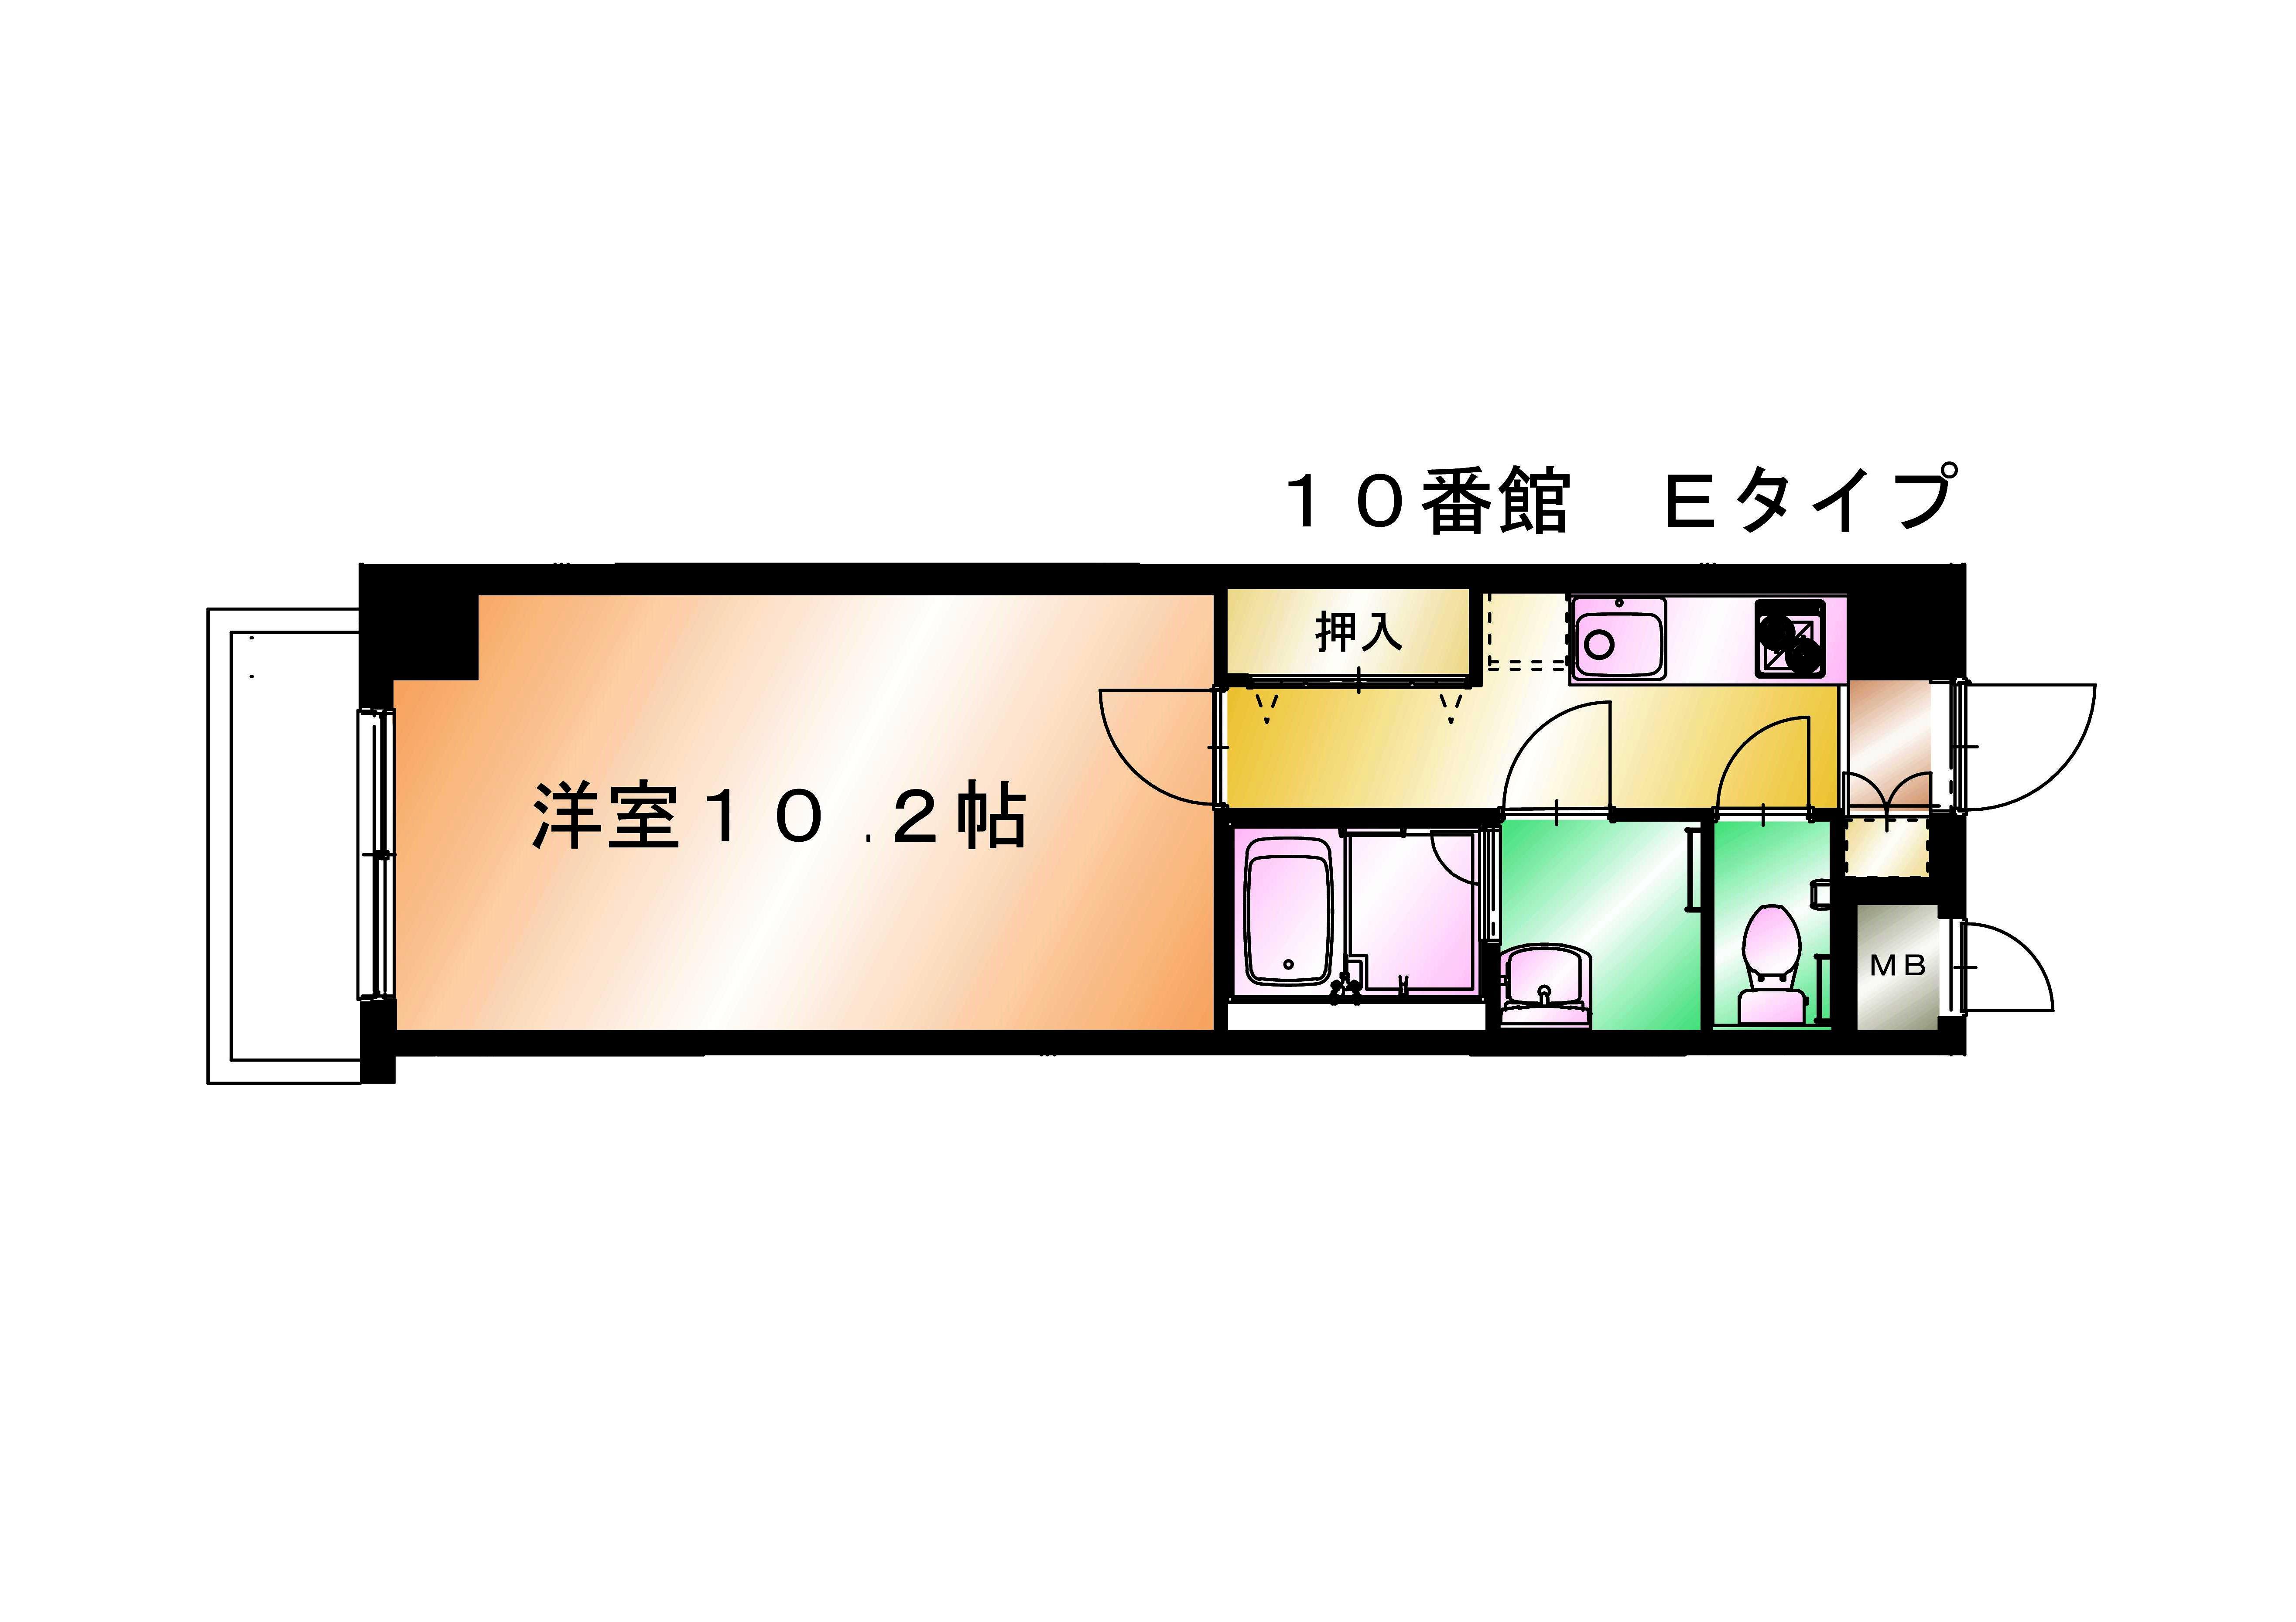 シャルレ10番館 Eタイプ